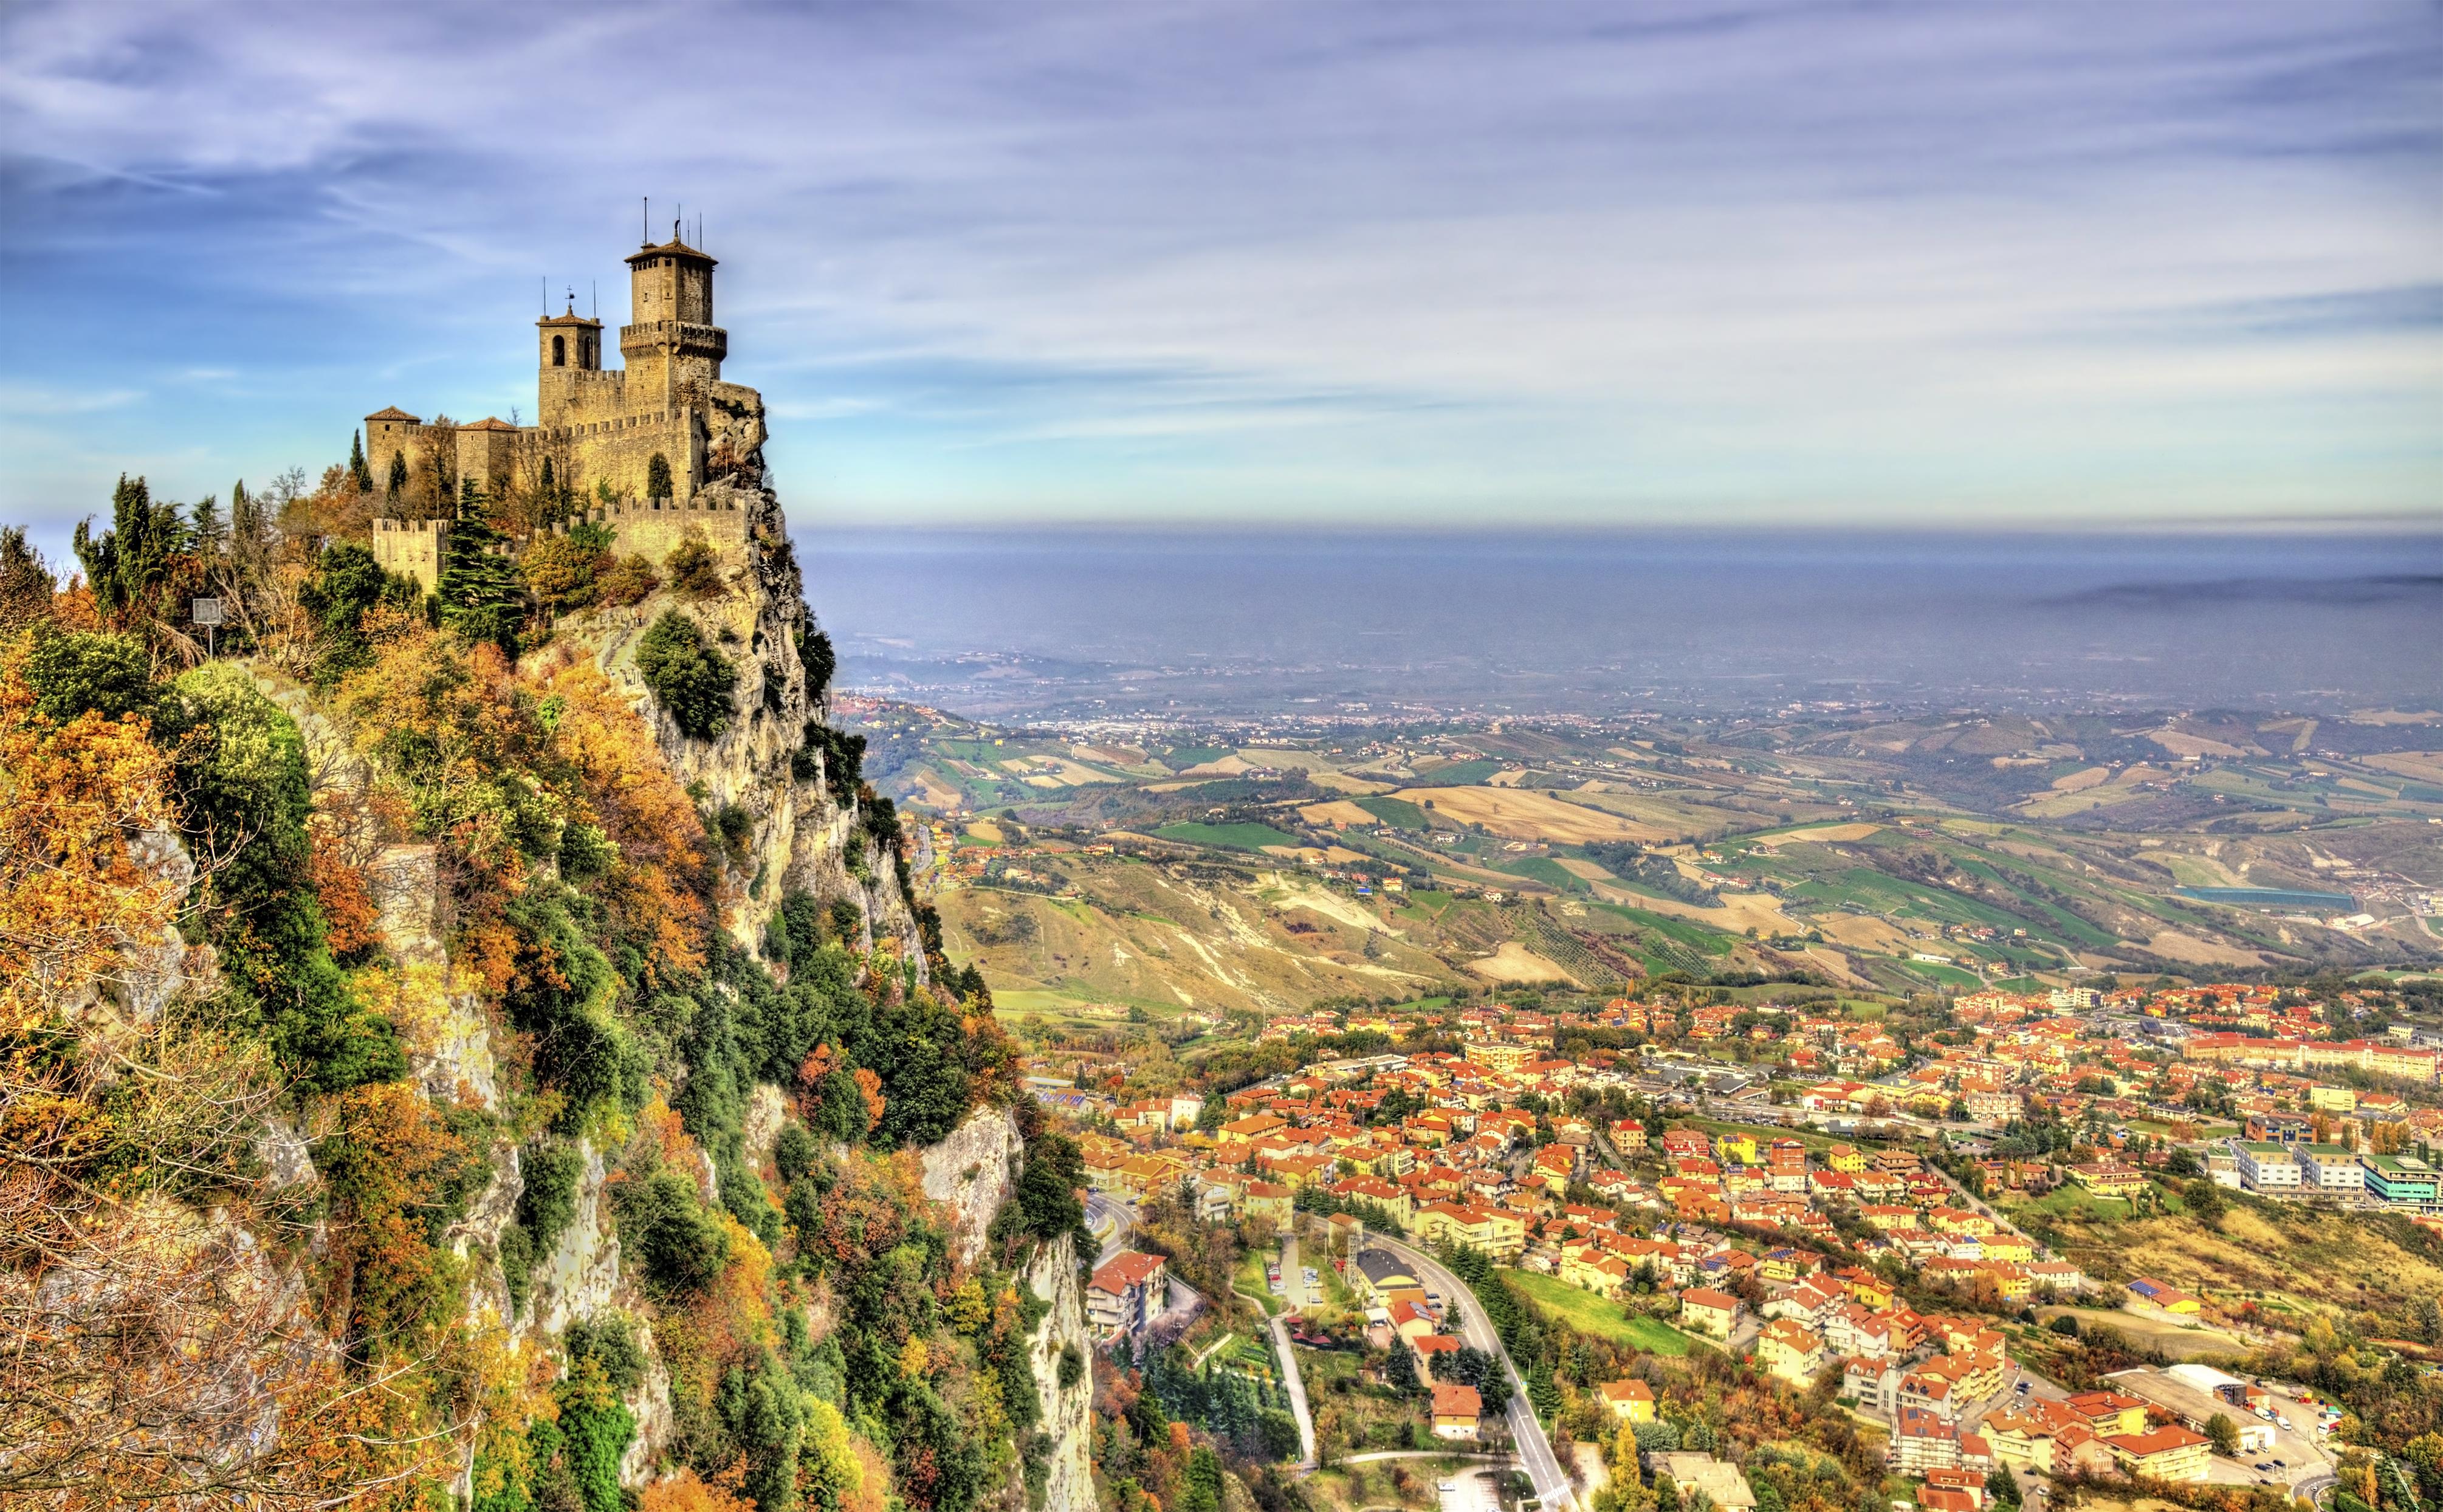 San Marino istock